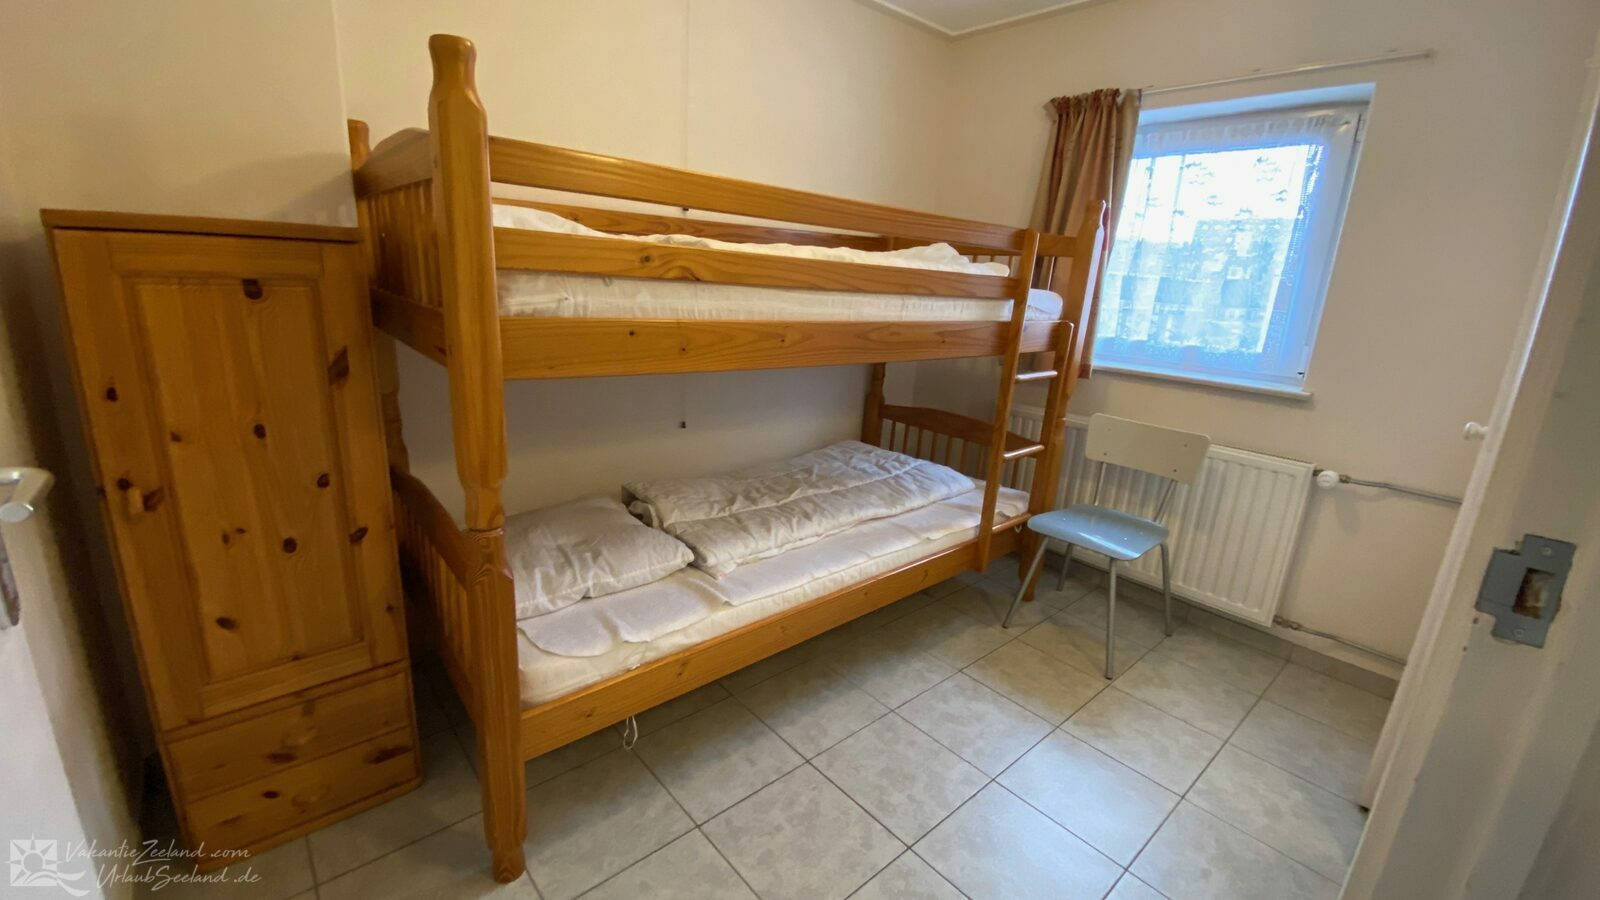 VZ628 Vakantiehuis Cadzand